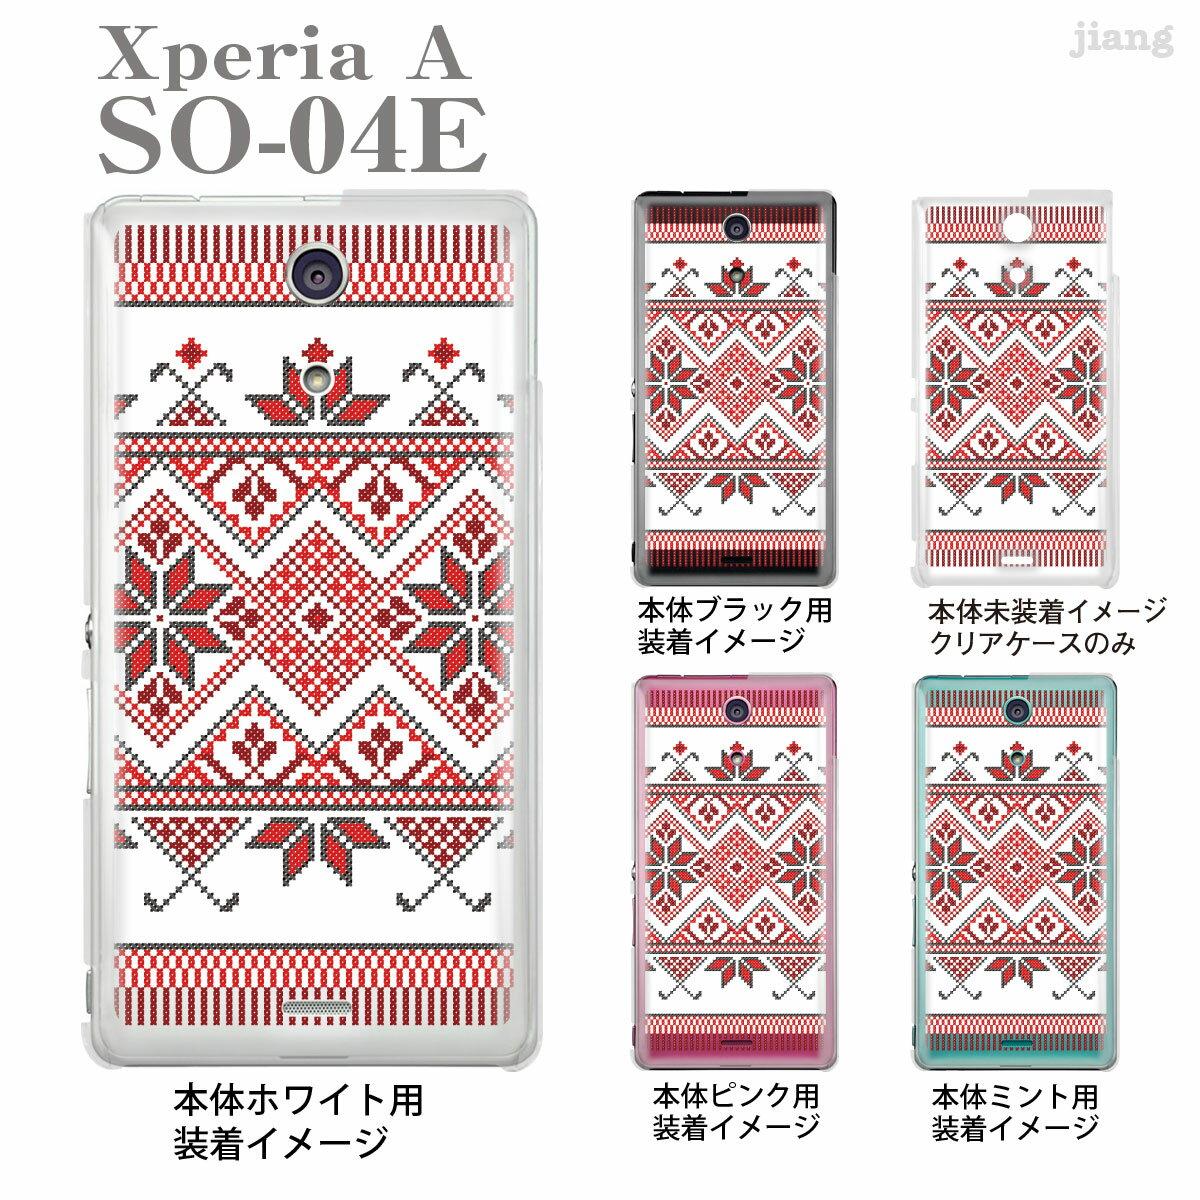 【Xperia A SO-04E】【SO-04E】【docomo】【ケース】【カバー】【スマホケース】【クリアケース】【チェック・ボーダー・ドット】【ノルディック柄】 06-so04e-ca0074